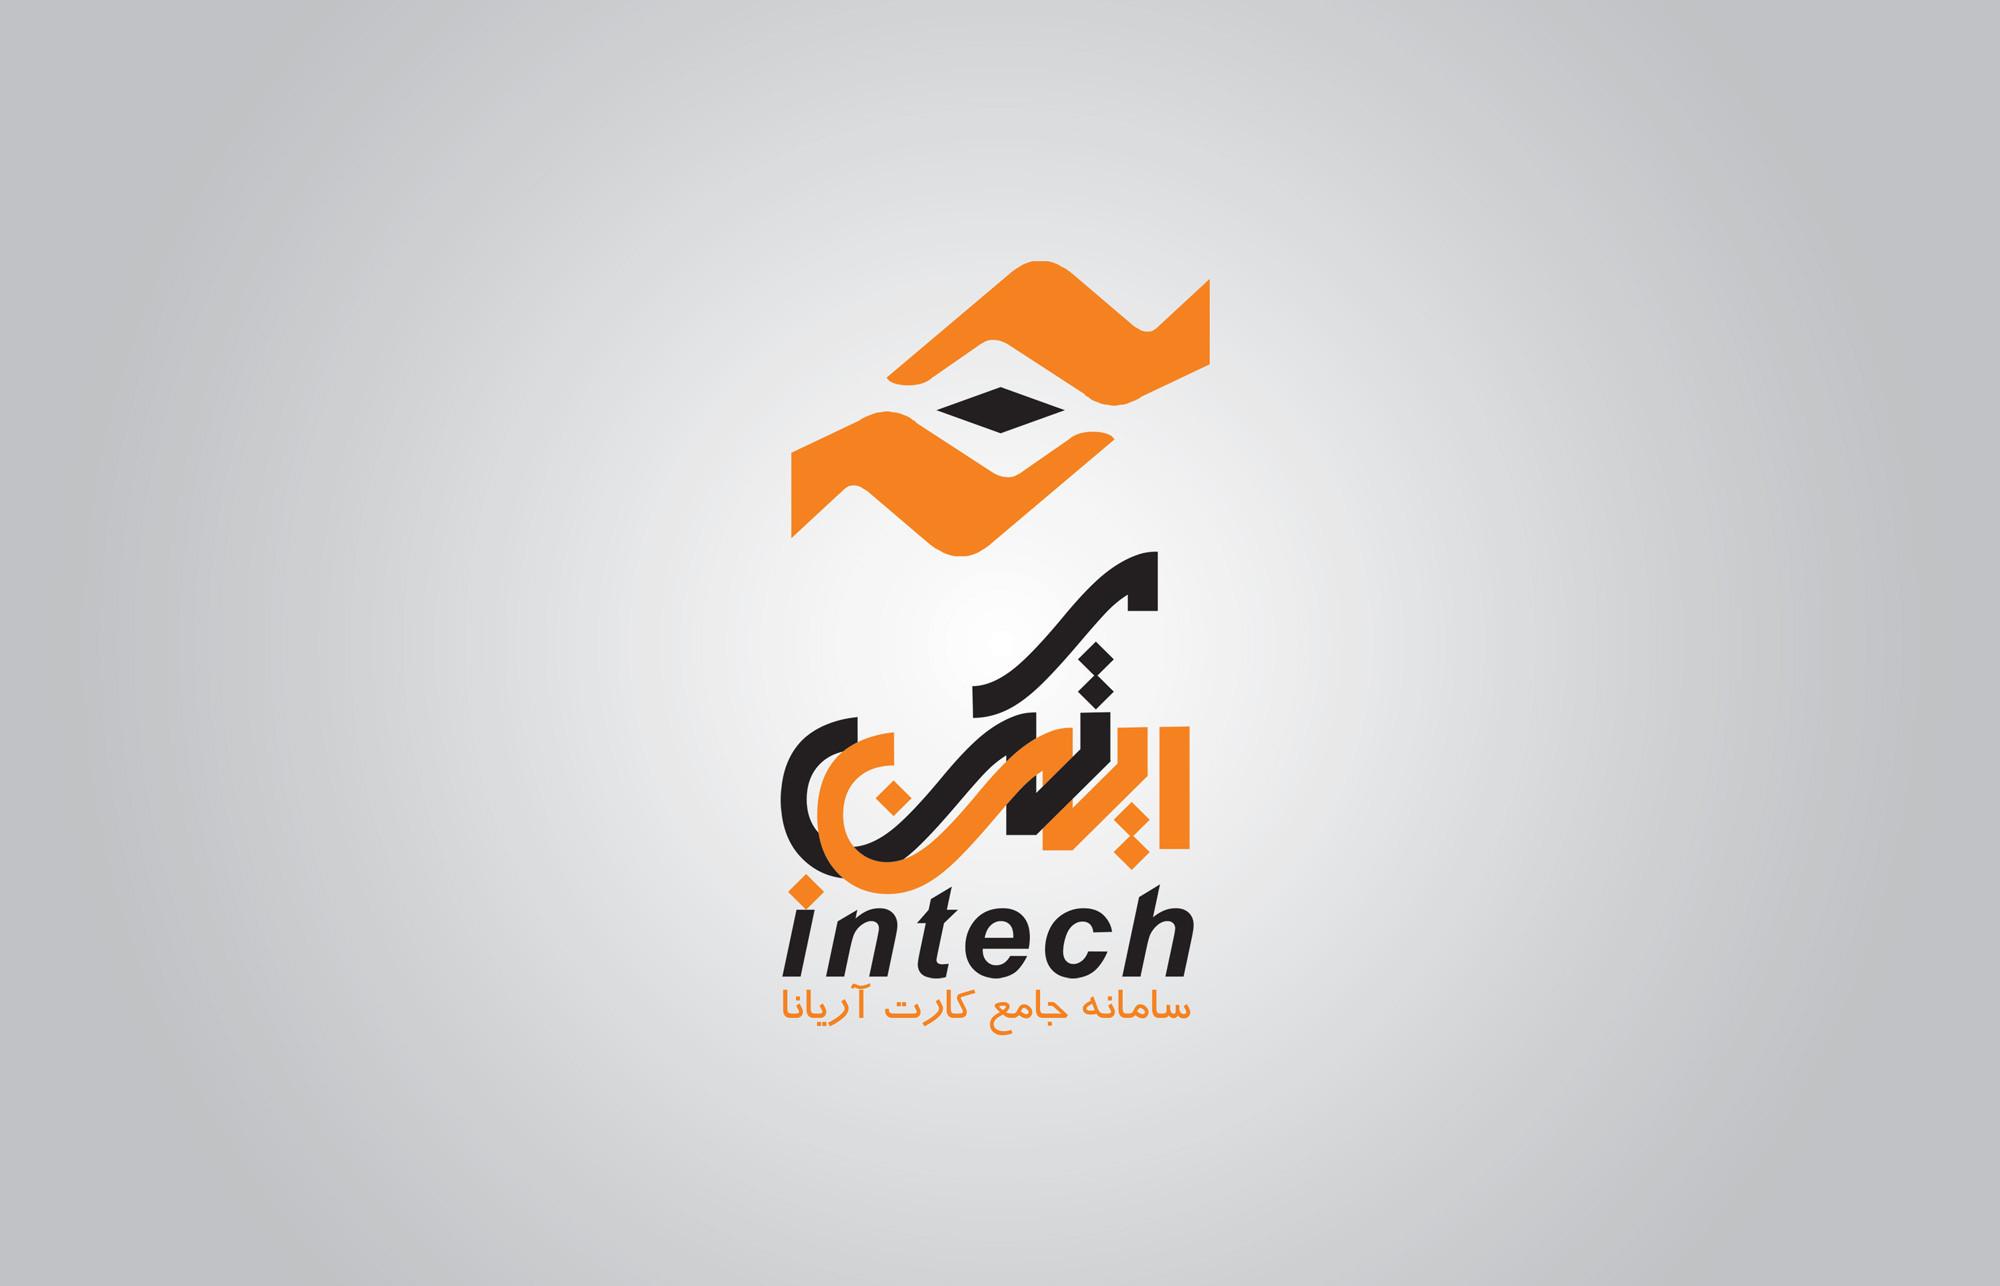 intech-logo